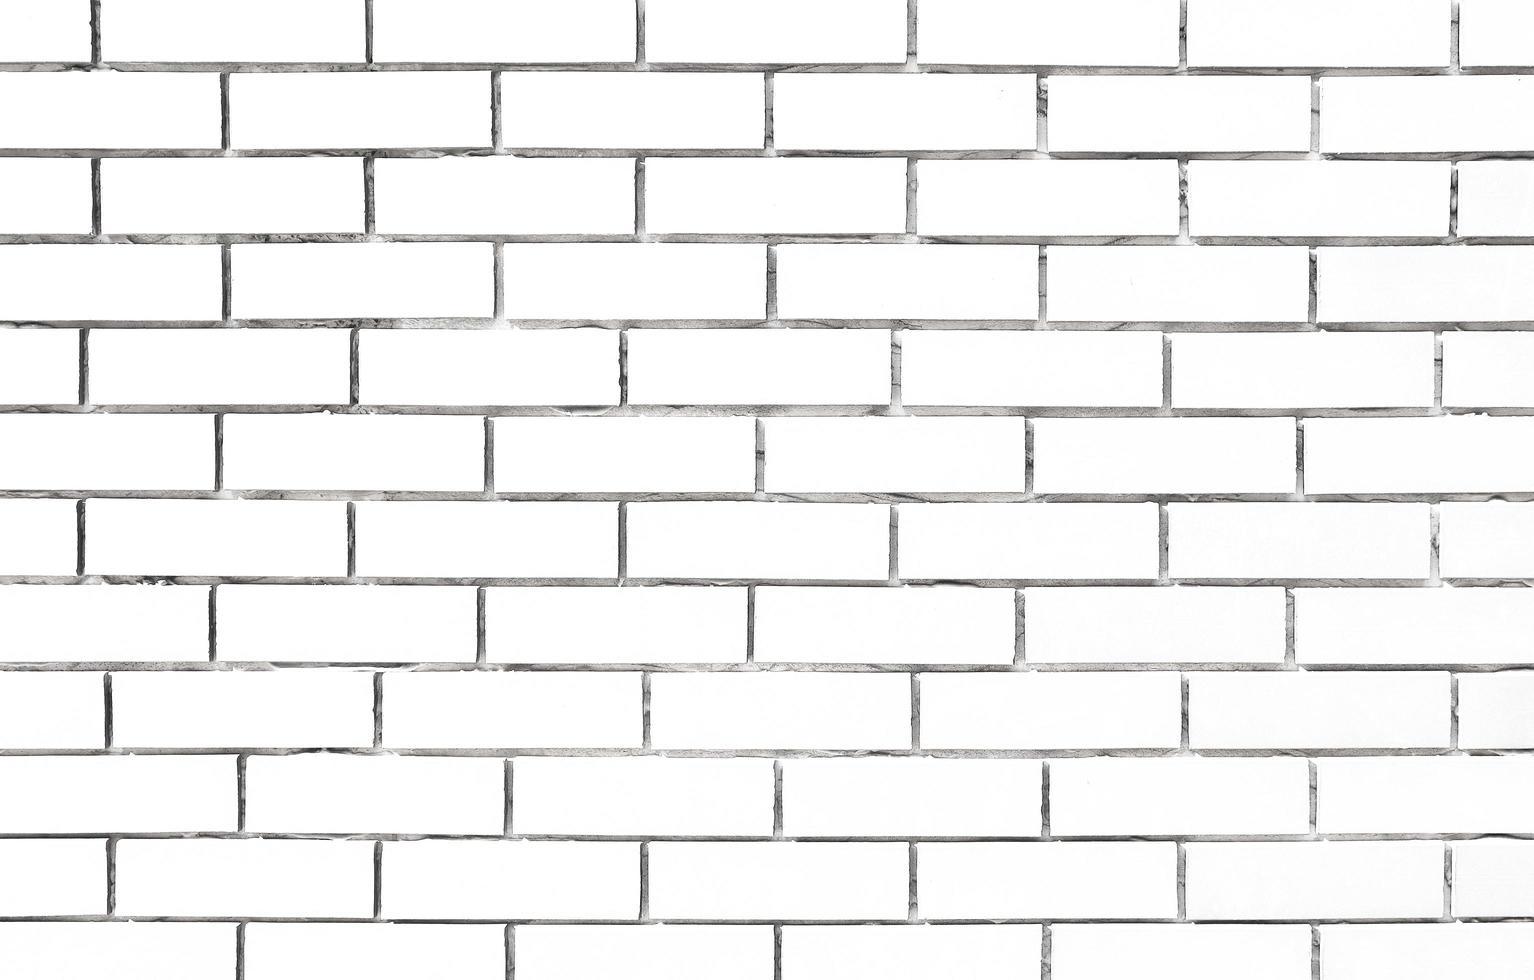 Texture white concrete wall  photo